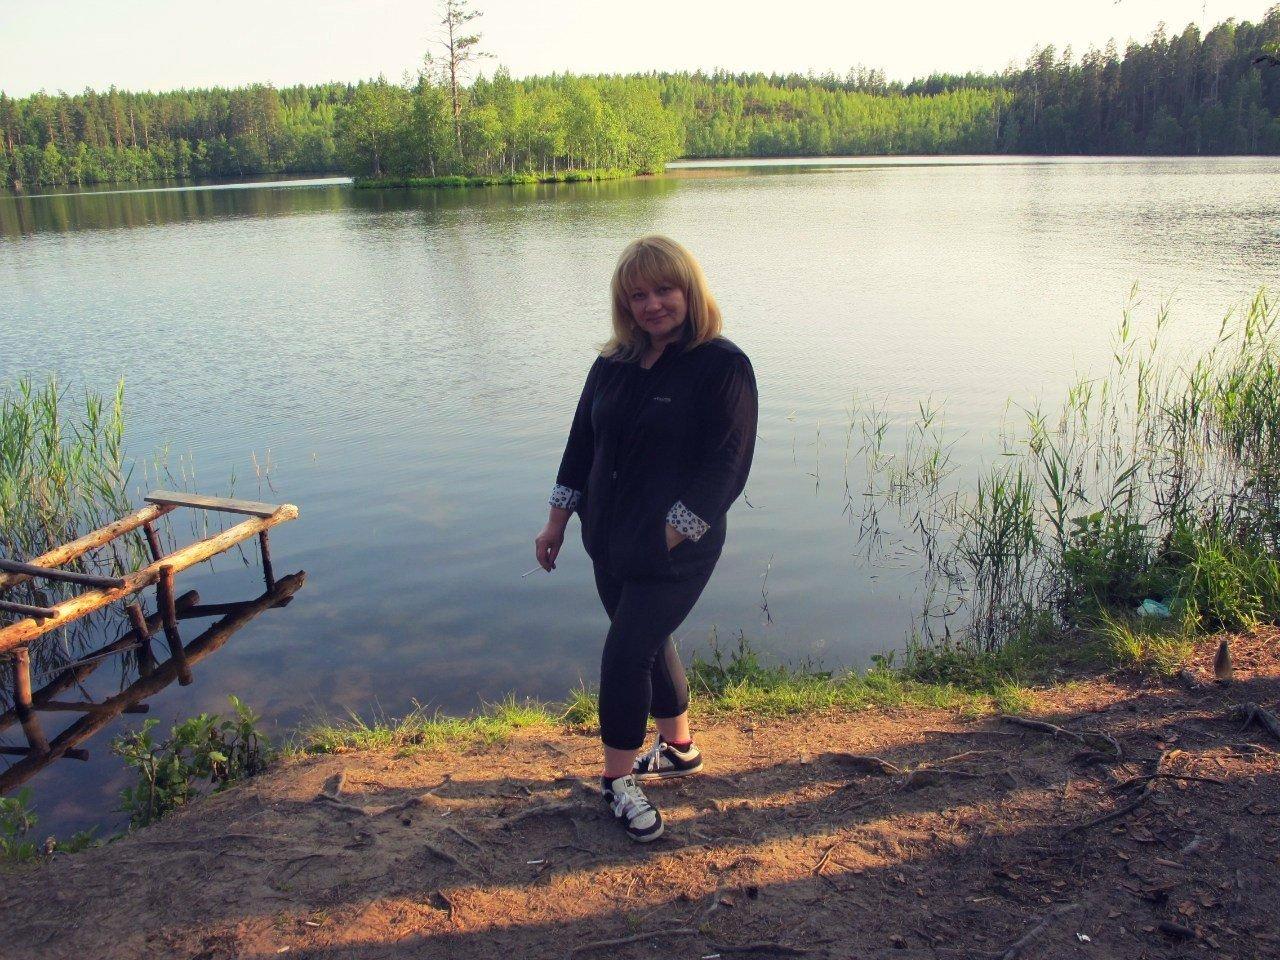 Фото skur0IKsAos.jpg. Россия, Ленинградская область, Unnamed Road